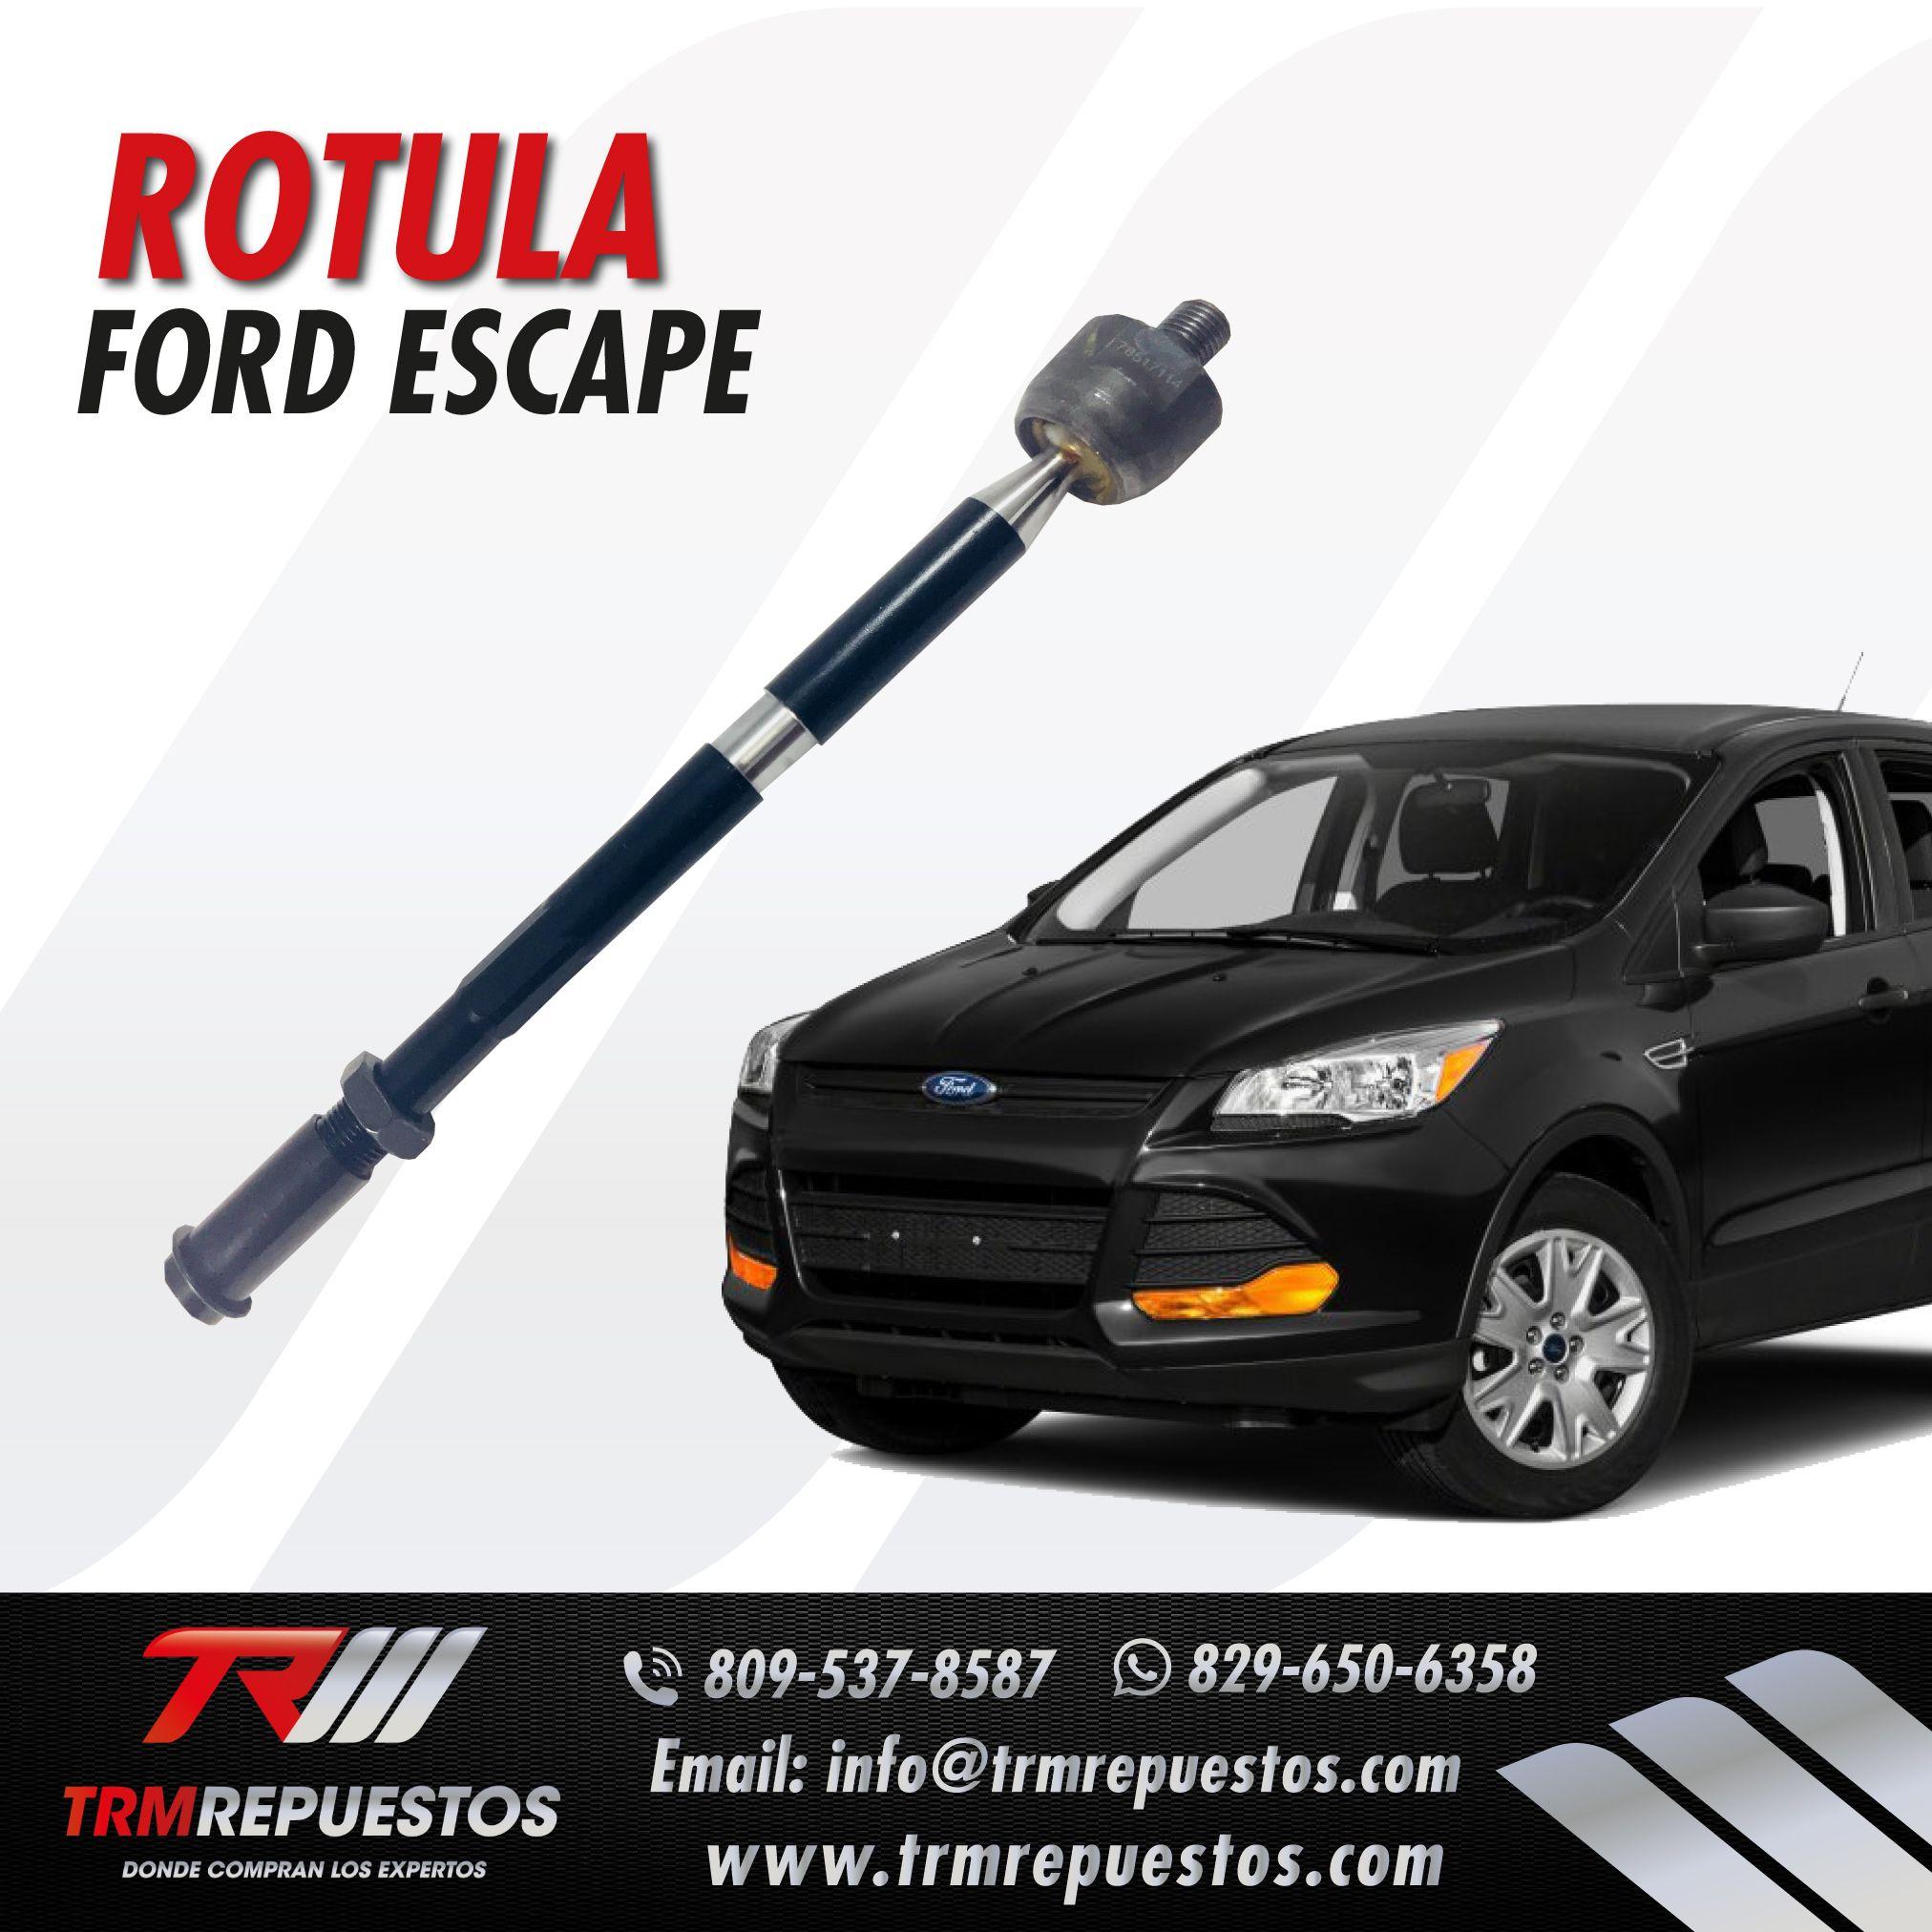 Rotula Ford Escape Somos Trm Repuestos Srl Donde Compran Los Verdaderos Expertos Repuestos De Excelente Calidad Para Todo Compras Instagram Fotos Videos